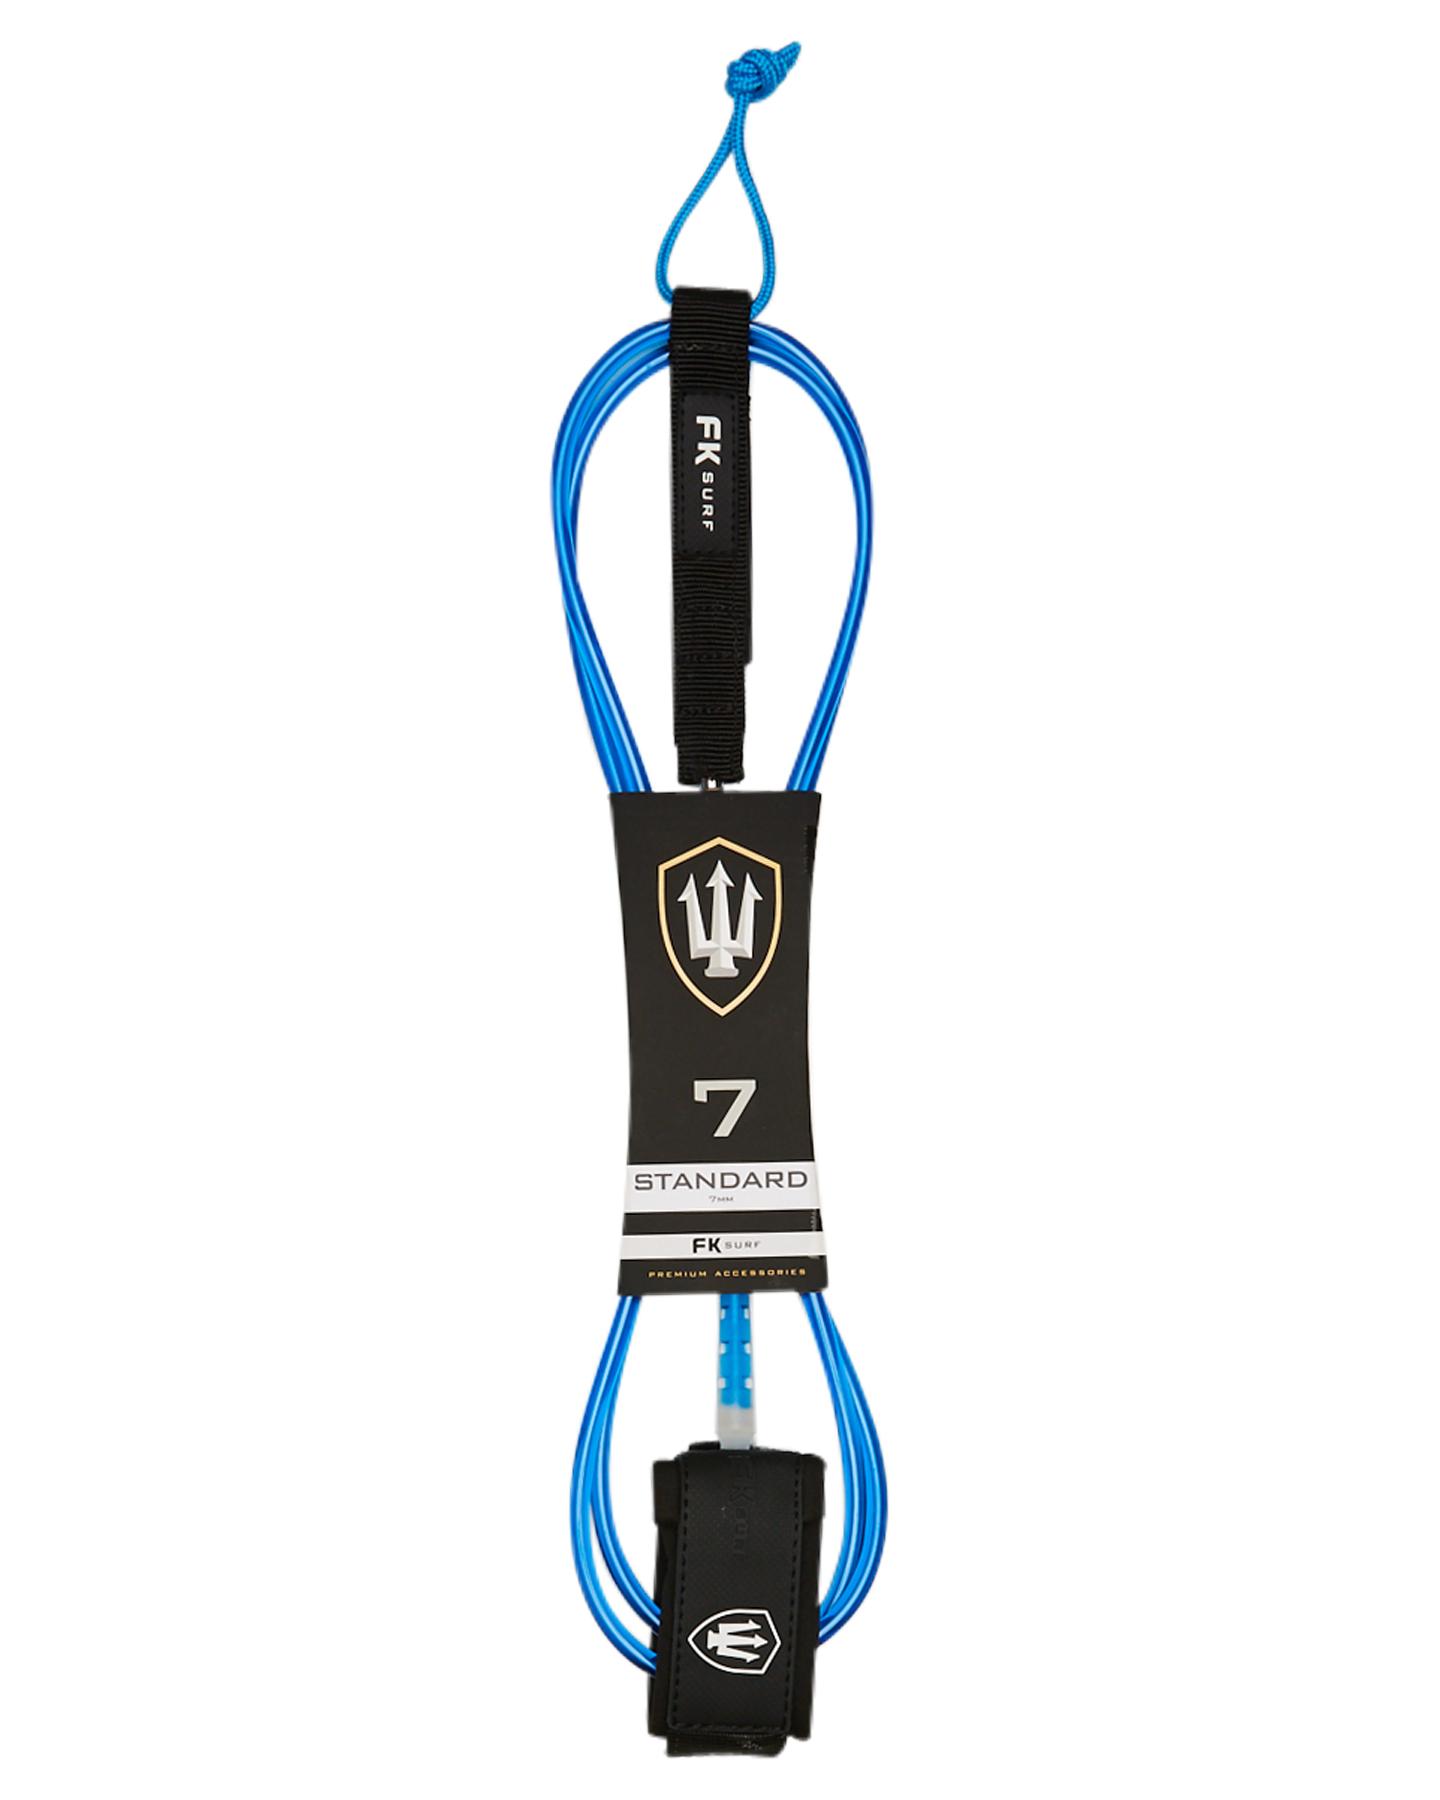 Fk Surf Standard 7Ft Leash Blue White